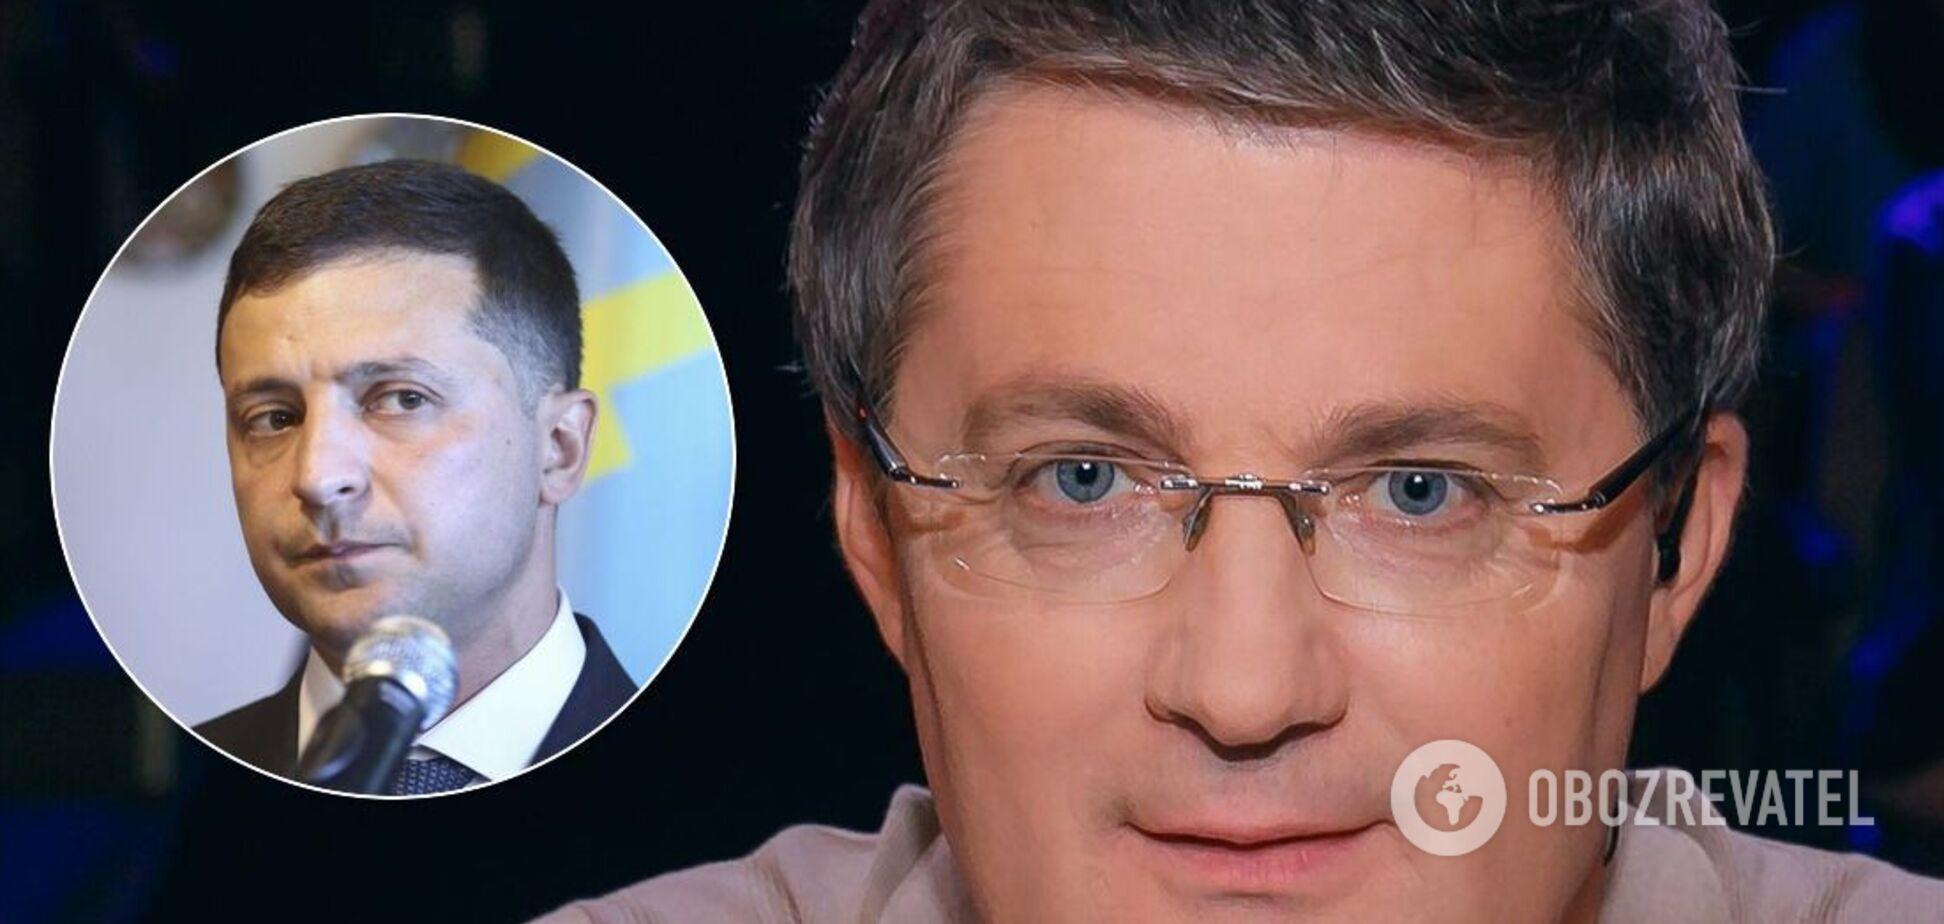 Ігор Кондратюк порадив Зеленському брати приклад з Порошенка